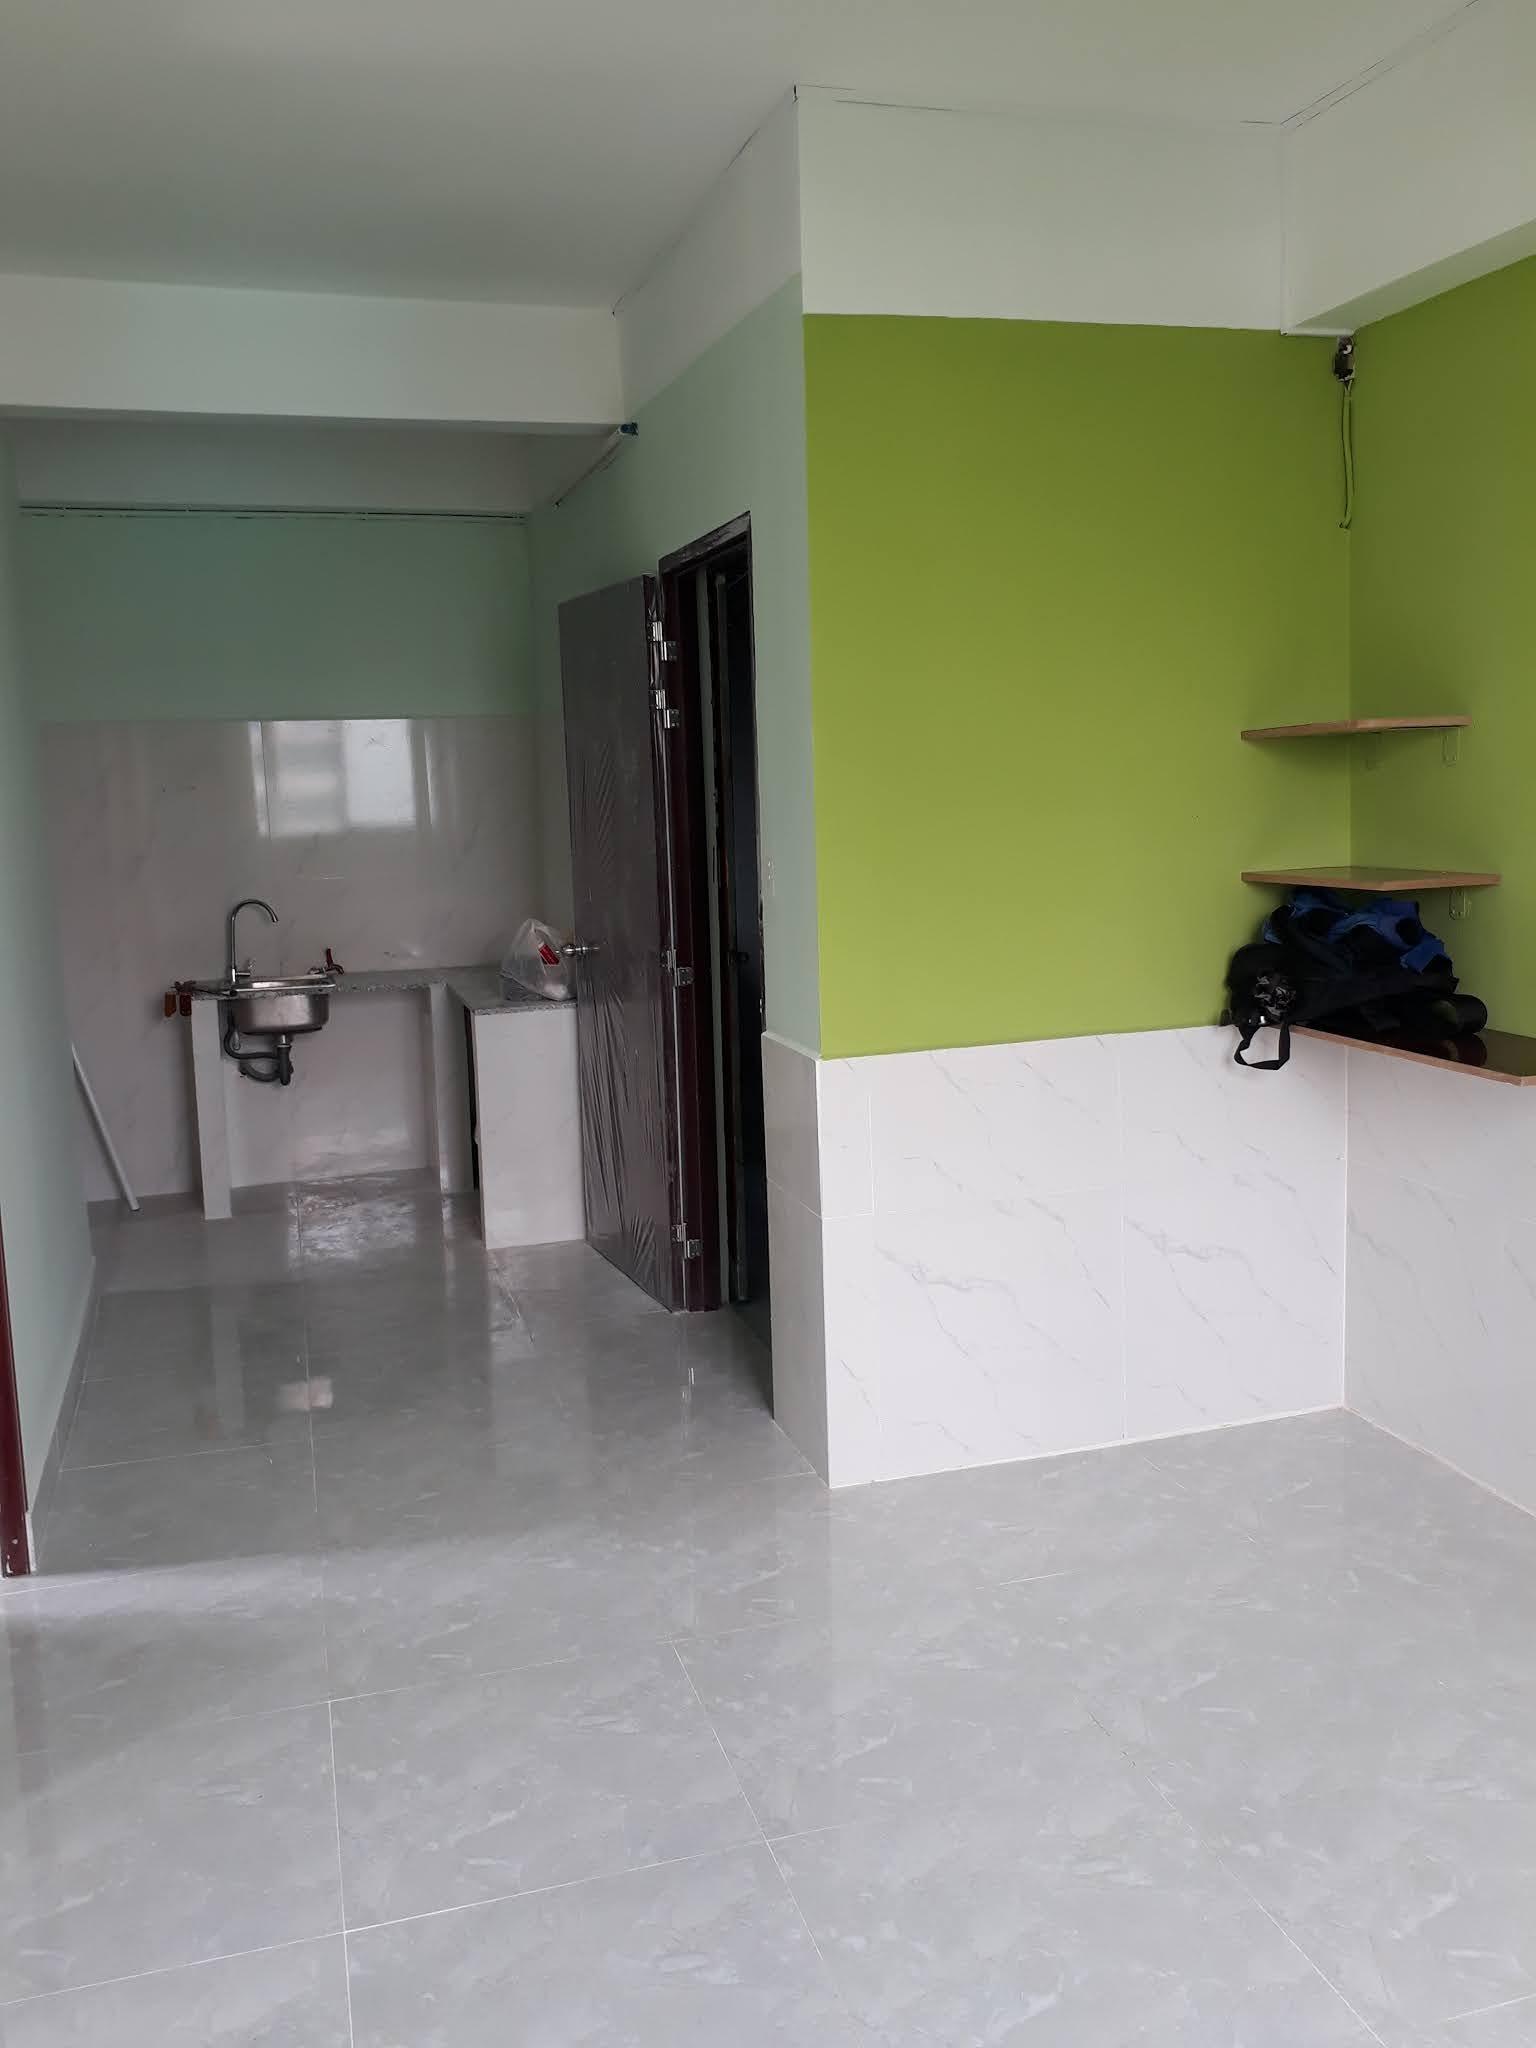 Bán căn hộ chung cư Mặt tiền đường Trần Hưng Đạo Quận 5 căn góc 2PN sổ hồng riêng